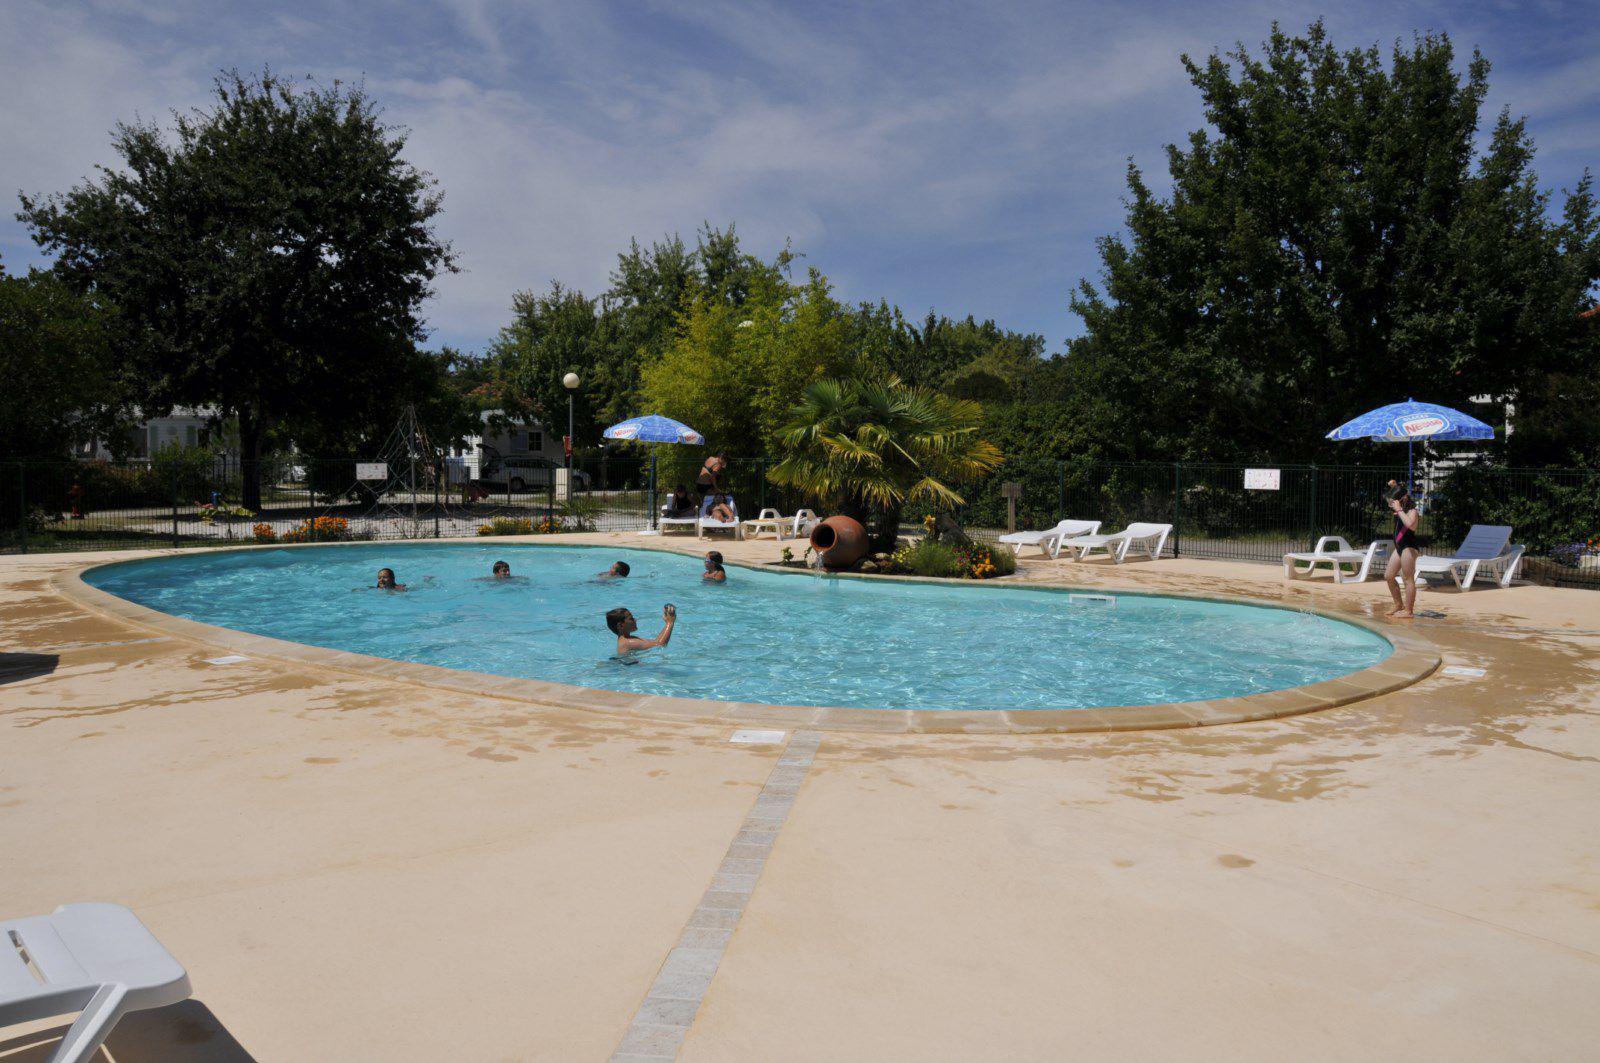 Schiro constructions terrasse de piscines marmande for Construction piscine langon